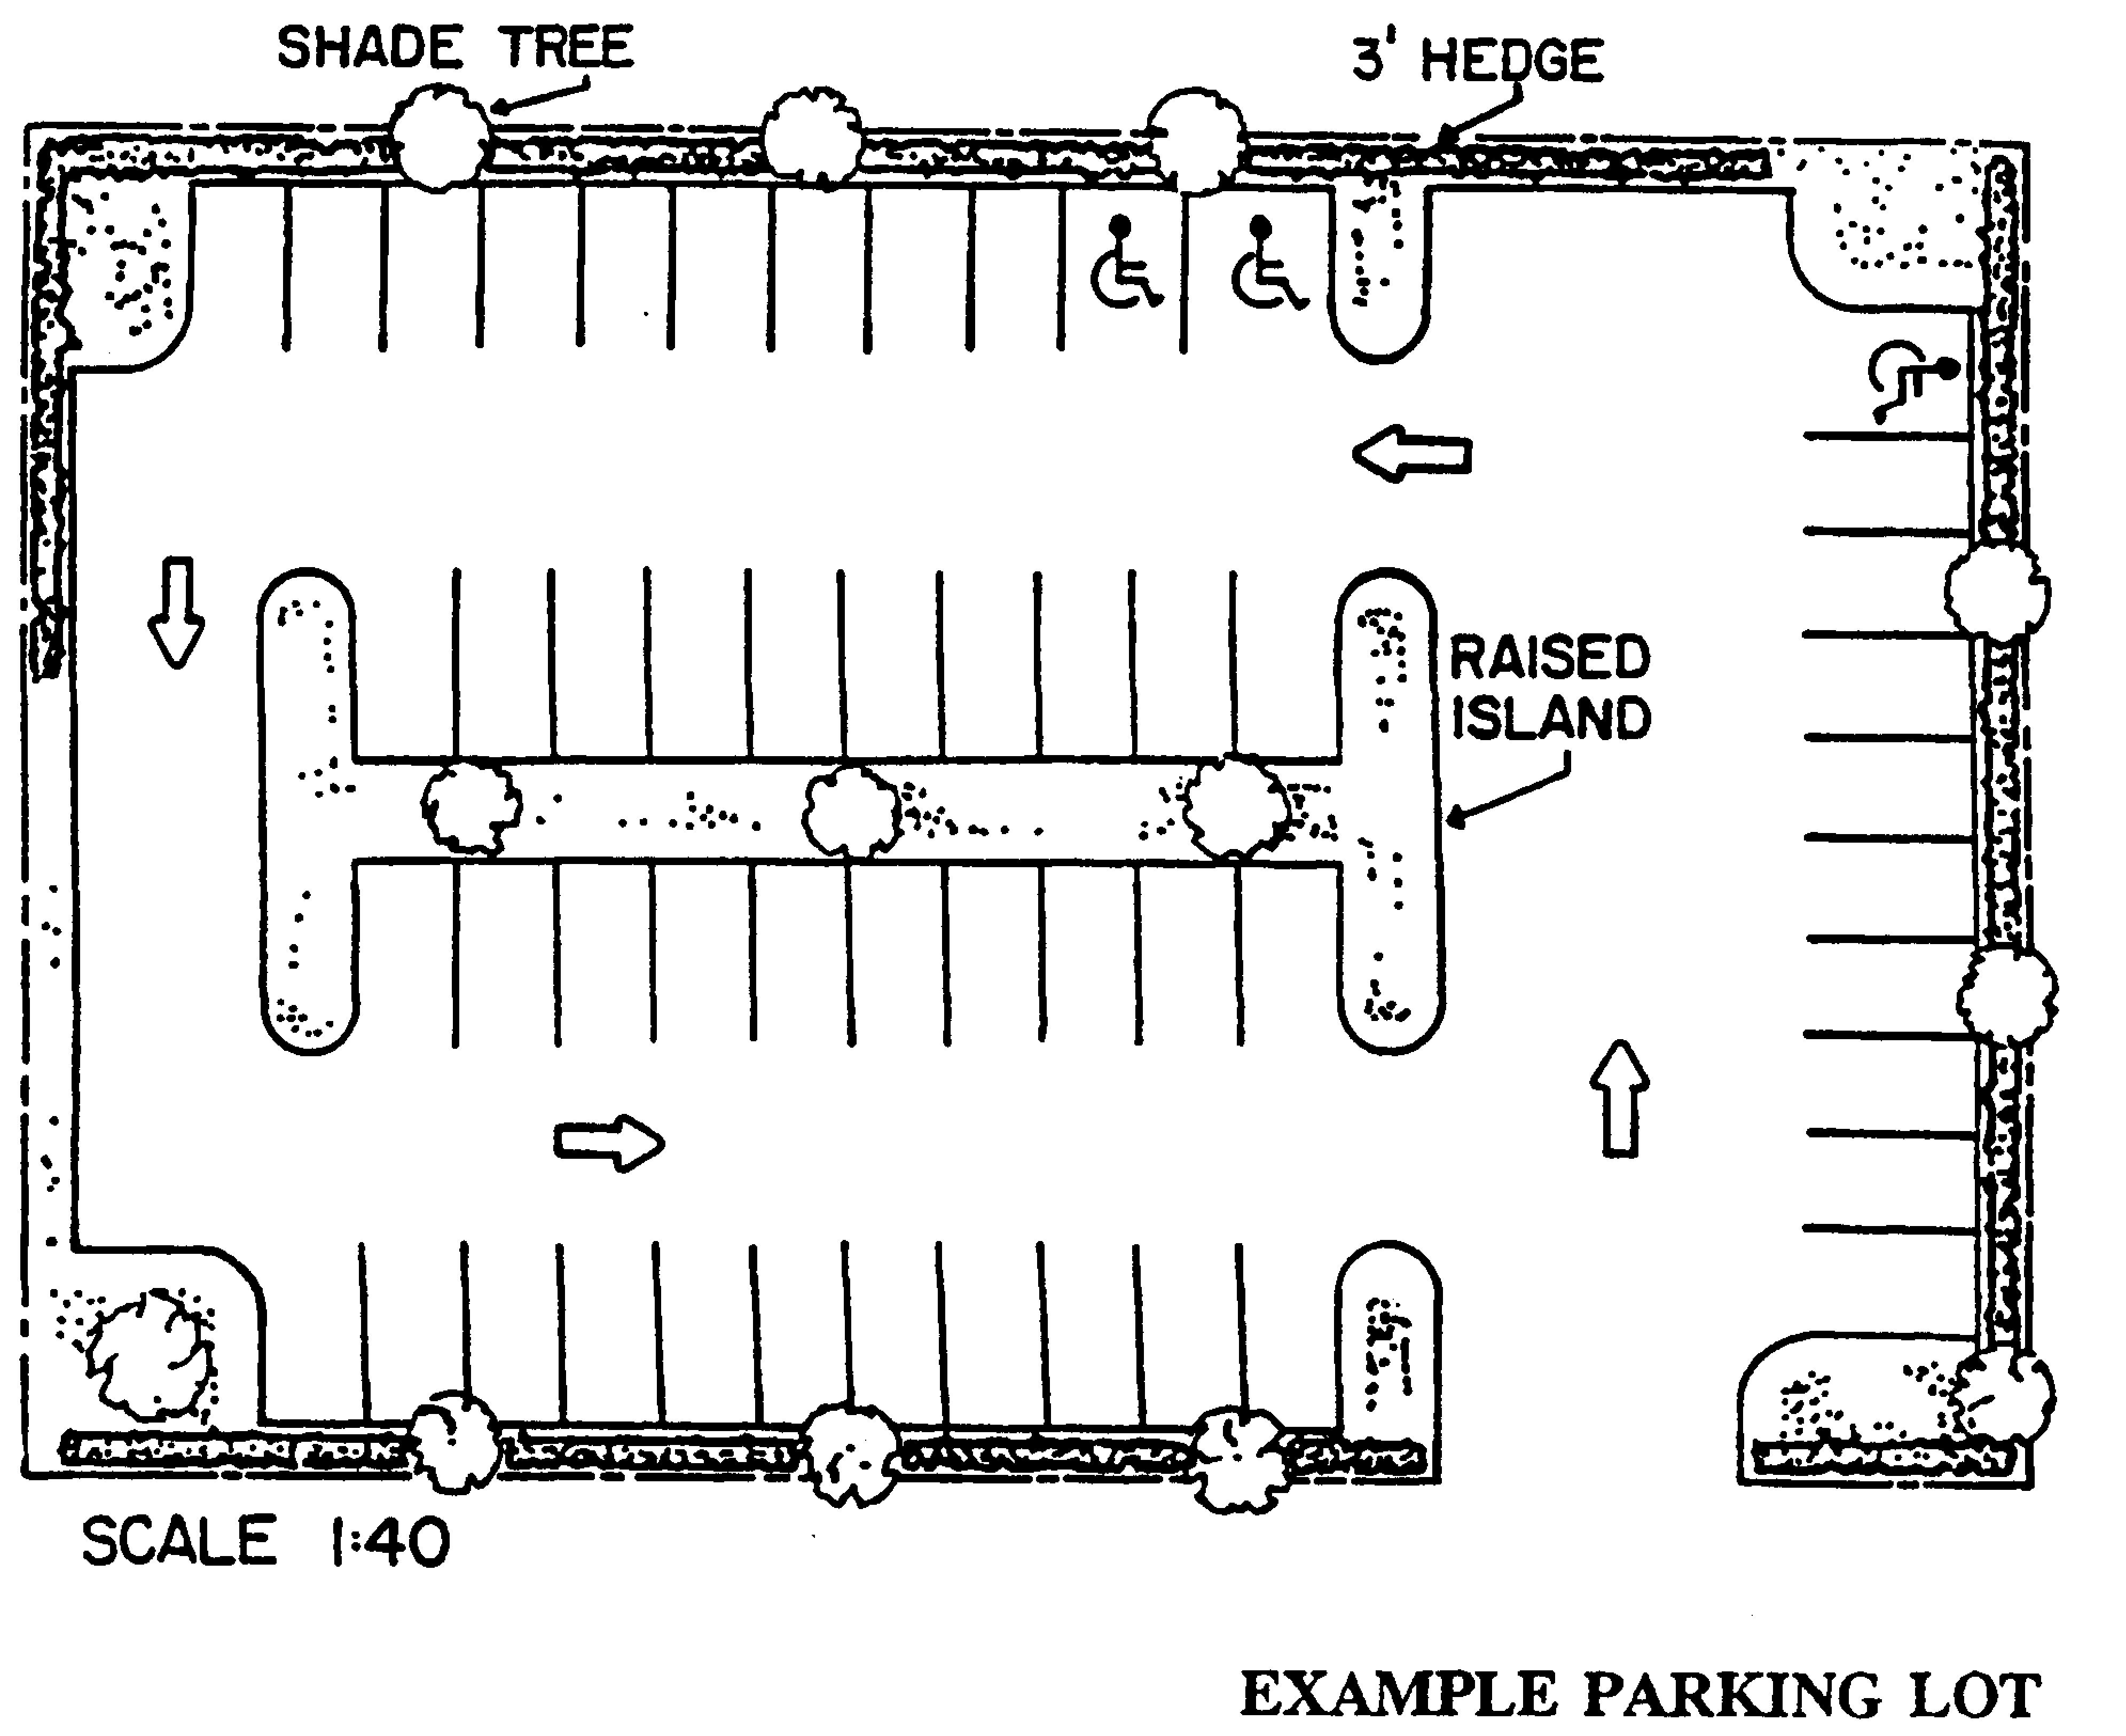 Standard Parking Aisle Widths